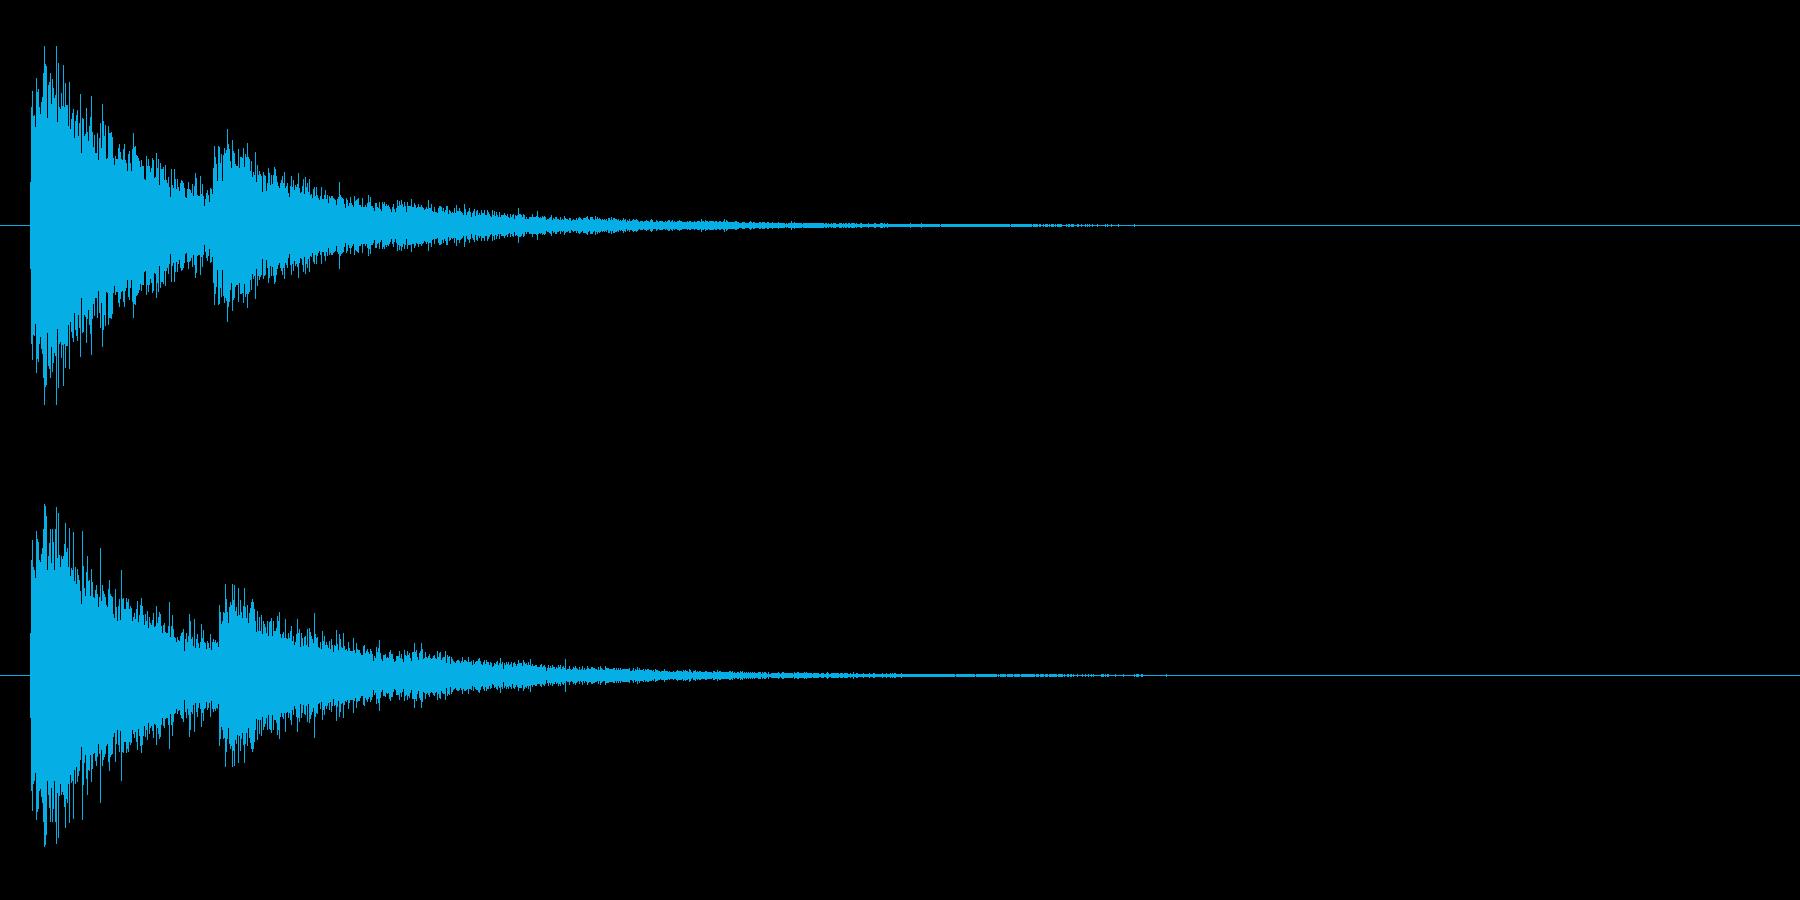 レーザー音-10-2の再生済みの波形